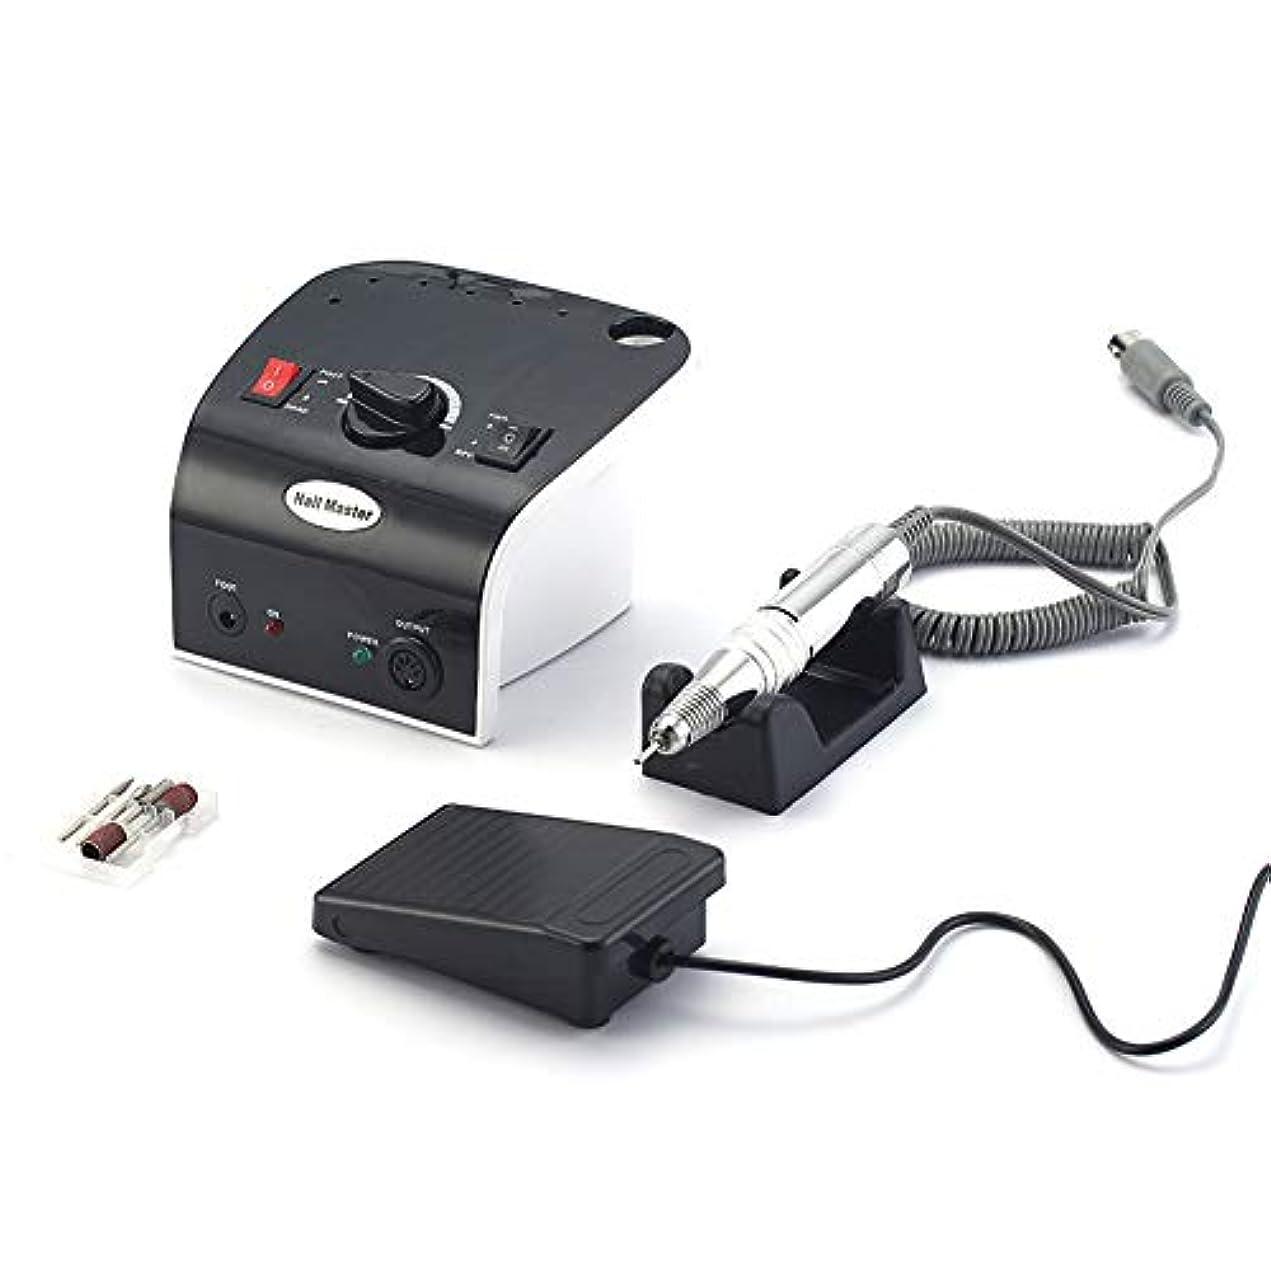 バンク自己尊重地下電気ネイルドリルマシン35W 35000RPM高品質モデルハンドピースマニキュアペディキュアマシンネイルファイルビットネイルアート機器